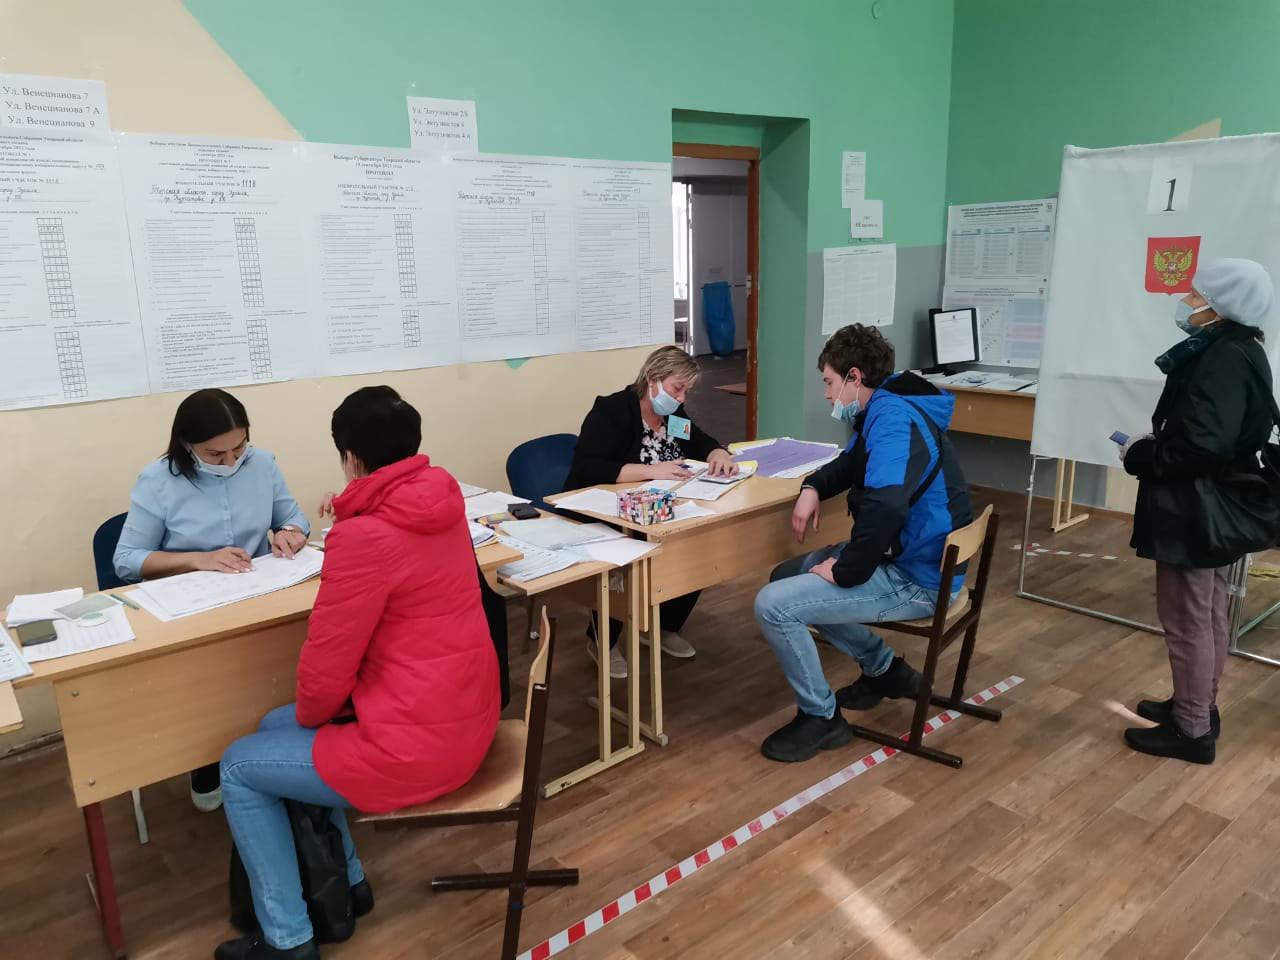 Жители районов Тверской области активно принимают участие в выборах